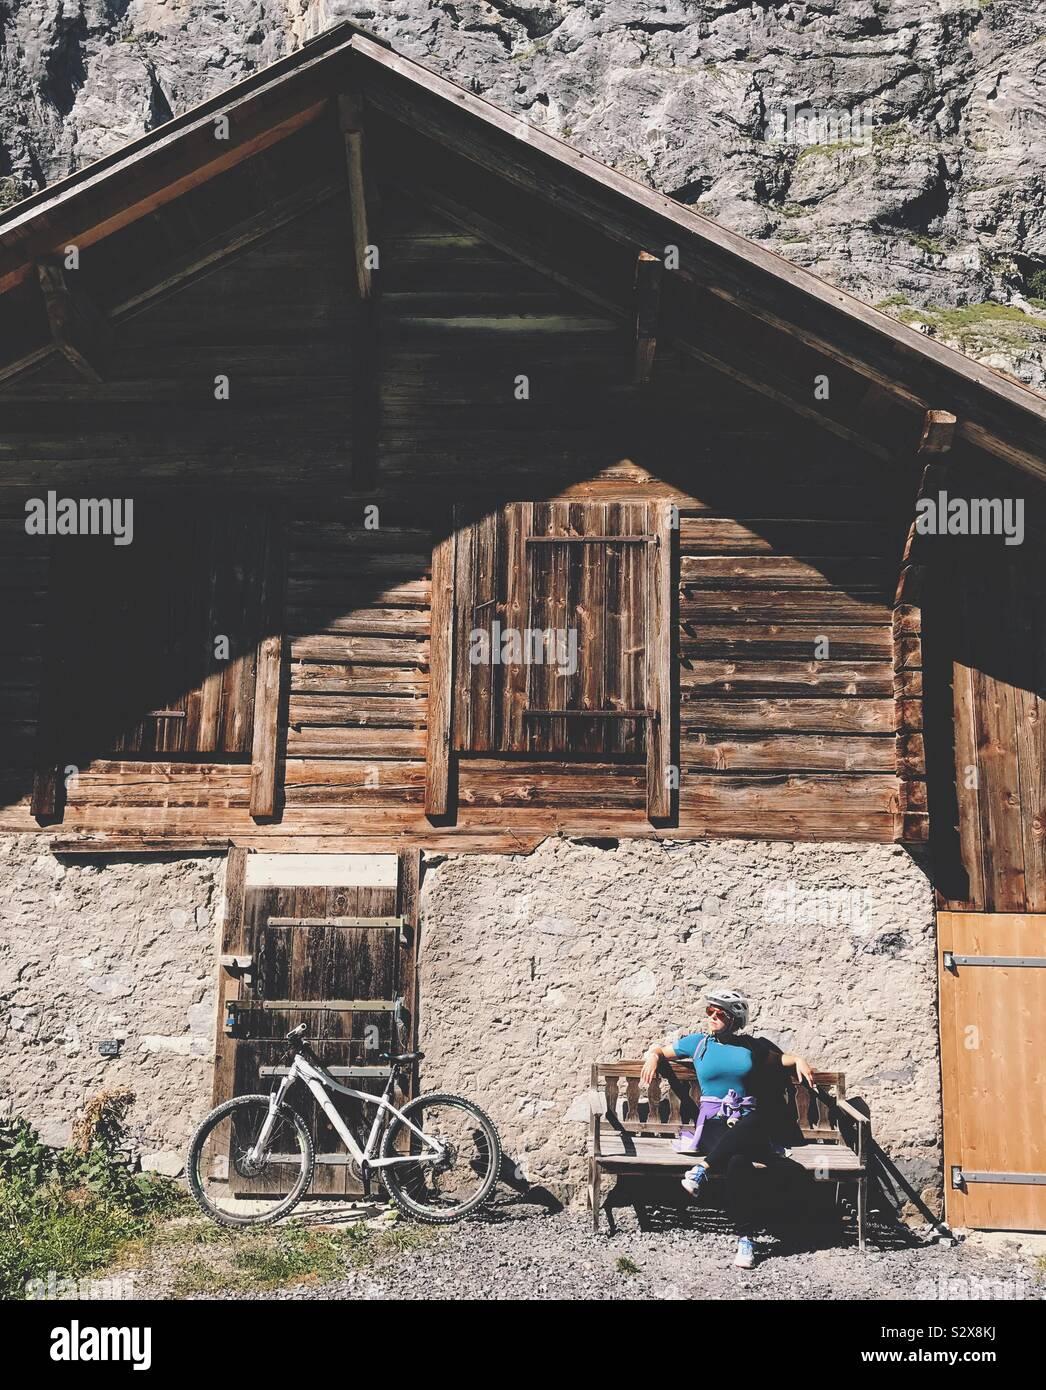 Ein Mädchen mit einem Fahrrad vor einem Haus in den Bergen sitzen Stockfoto